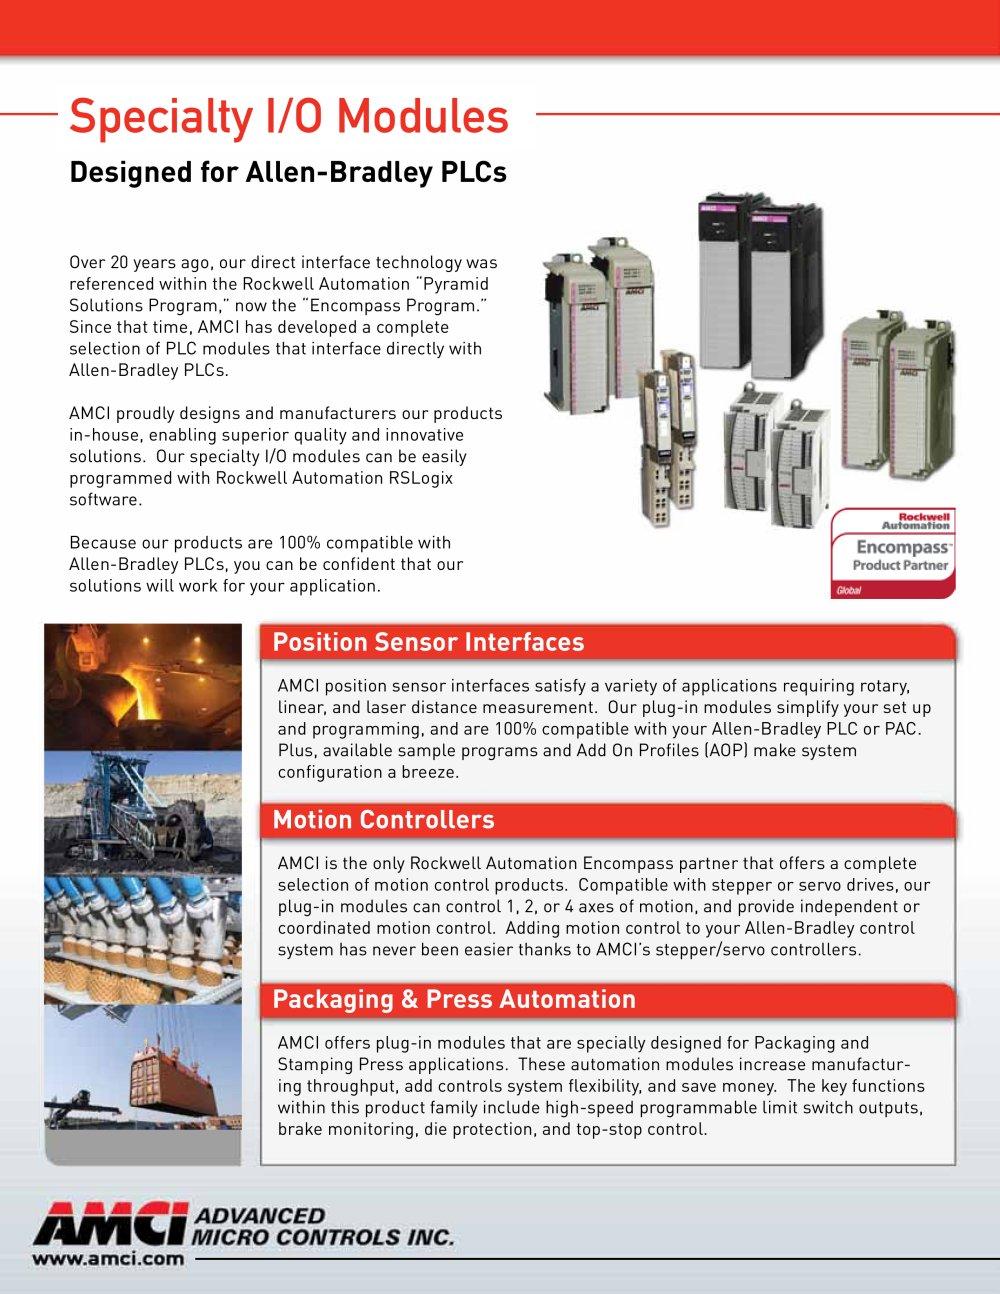 AMCI PLC Modules For Allen-Bradley PLCS & PACS - AMCI - PDF ...